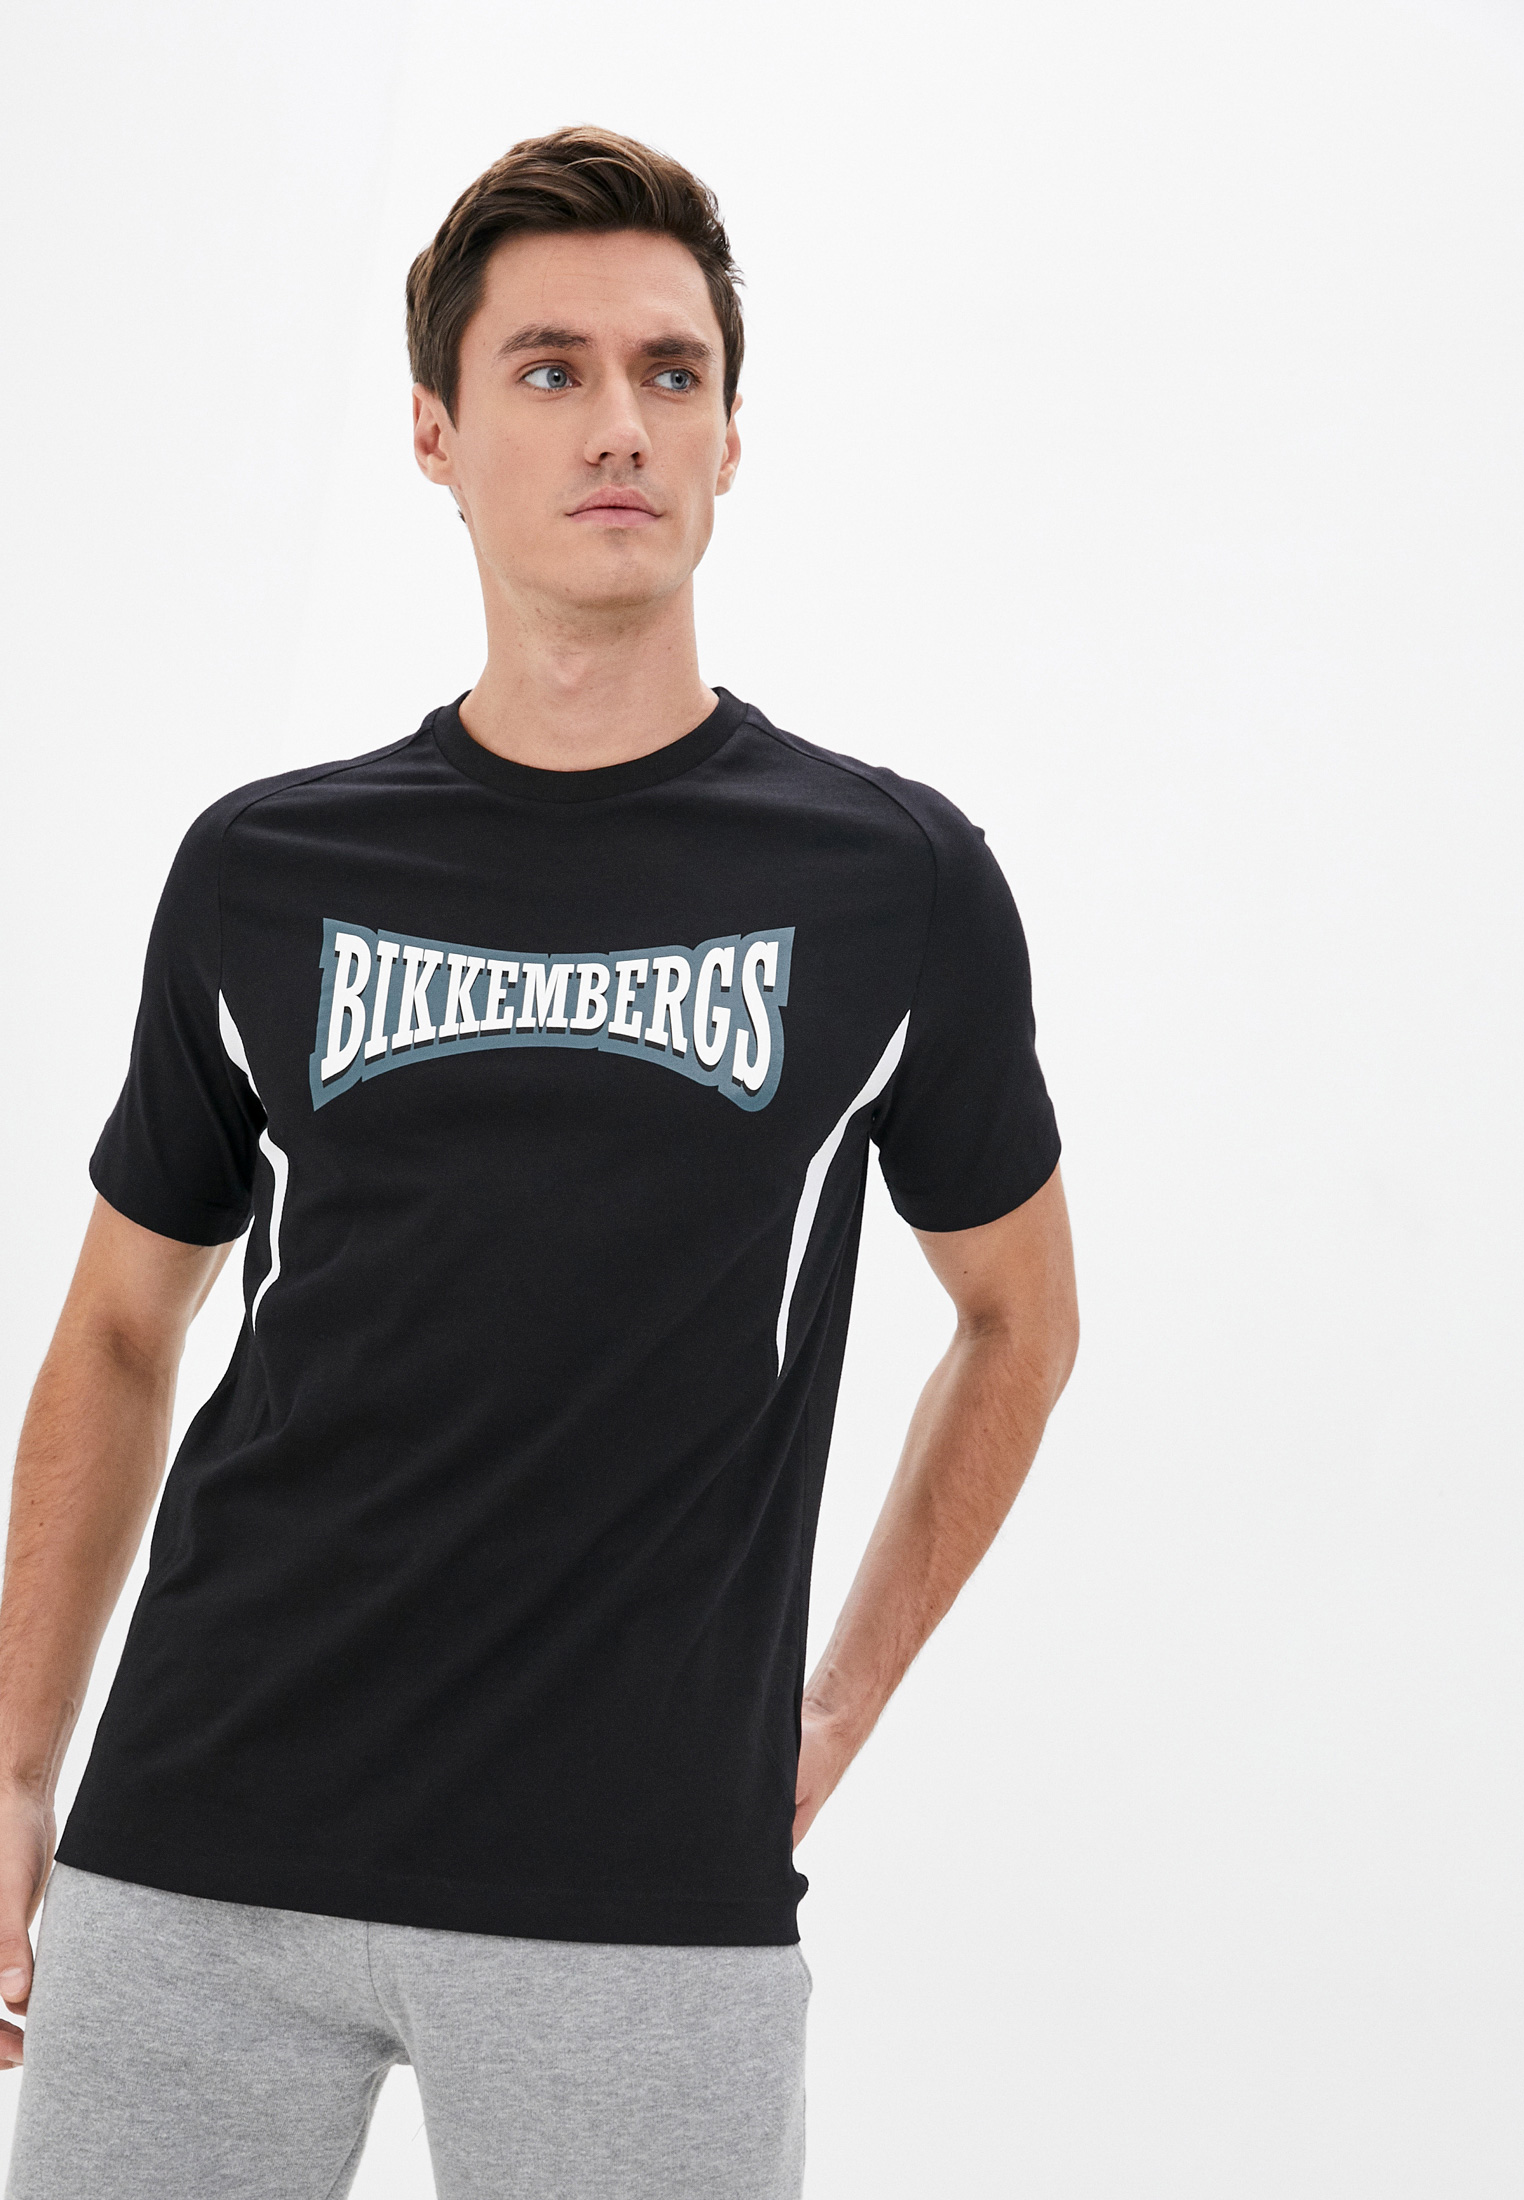 Мужская футболка Bikkembergs (Биккембергс) C 4 117 01 M 4298